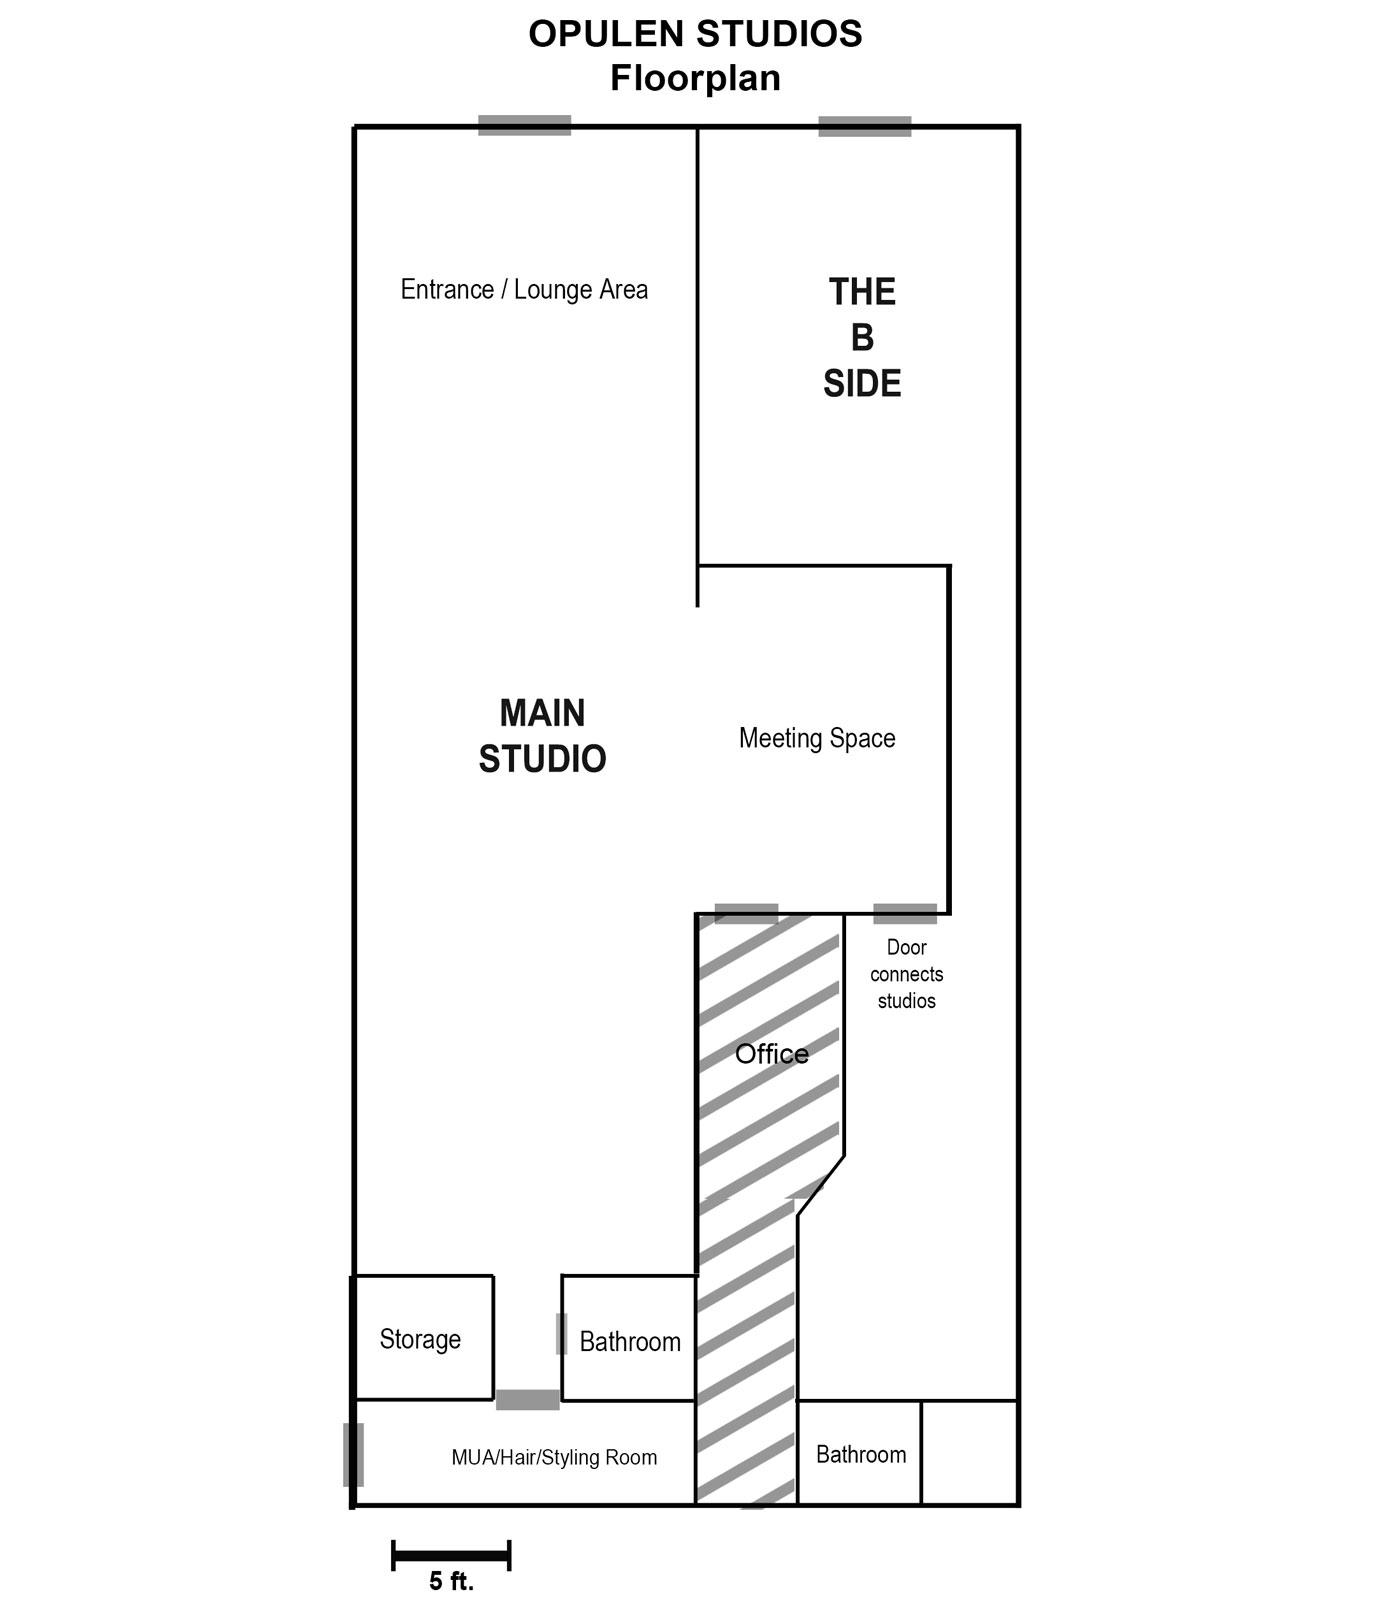 Opulen Studios Floor Plan